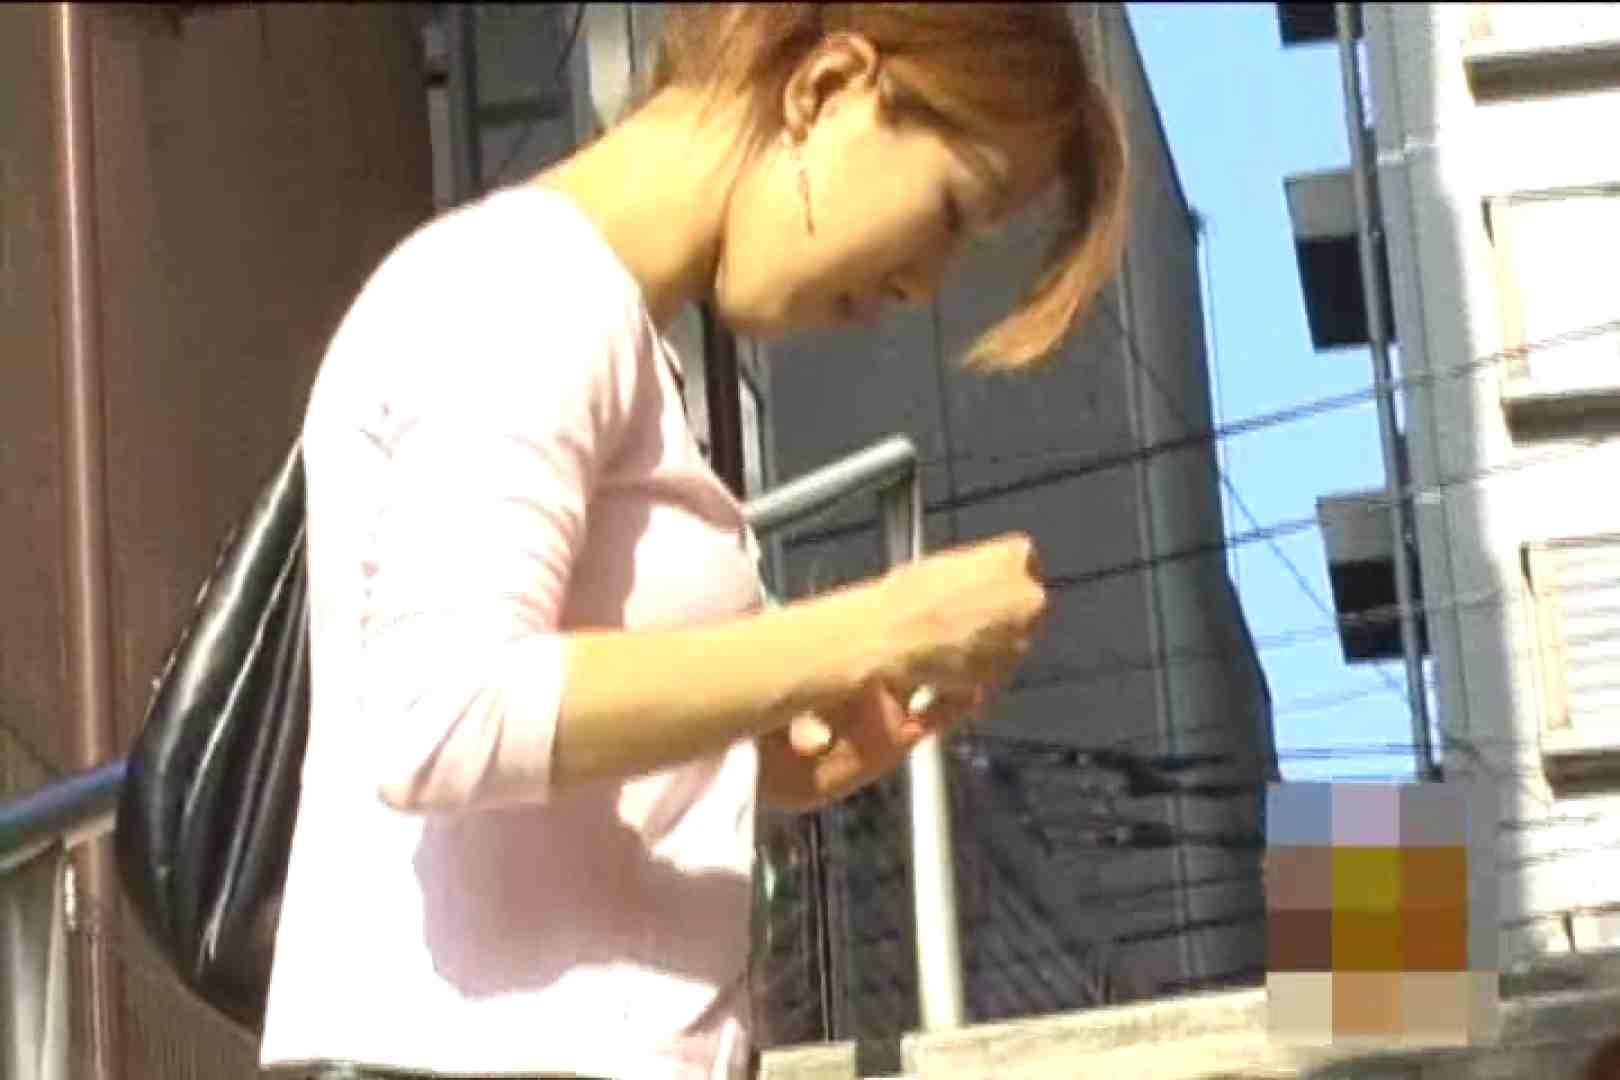 検証!隠し撮りスカートめくり!!Vol.3 いやらしいOL すけべAV動画紹介 76連発 22